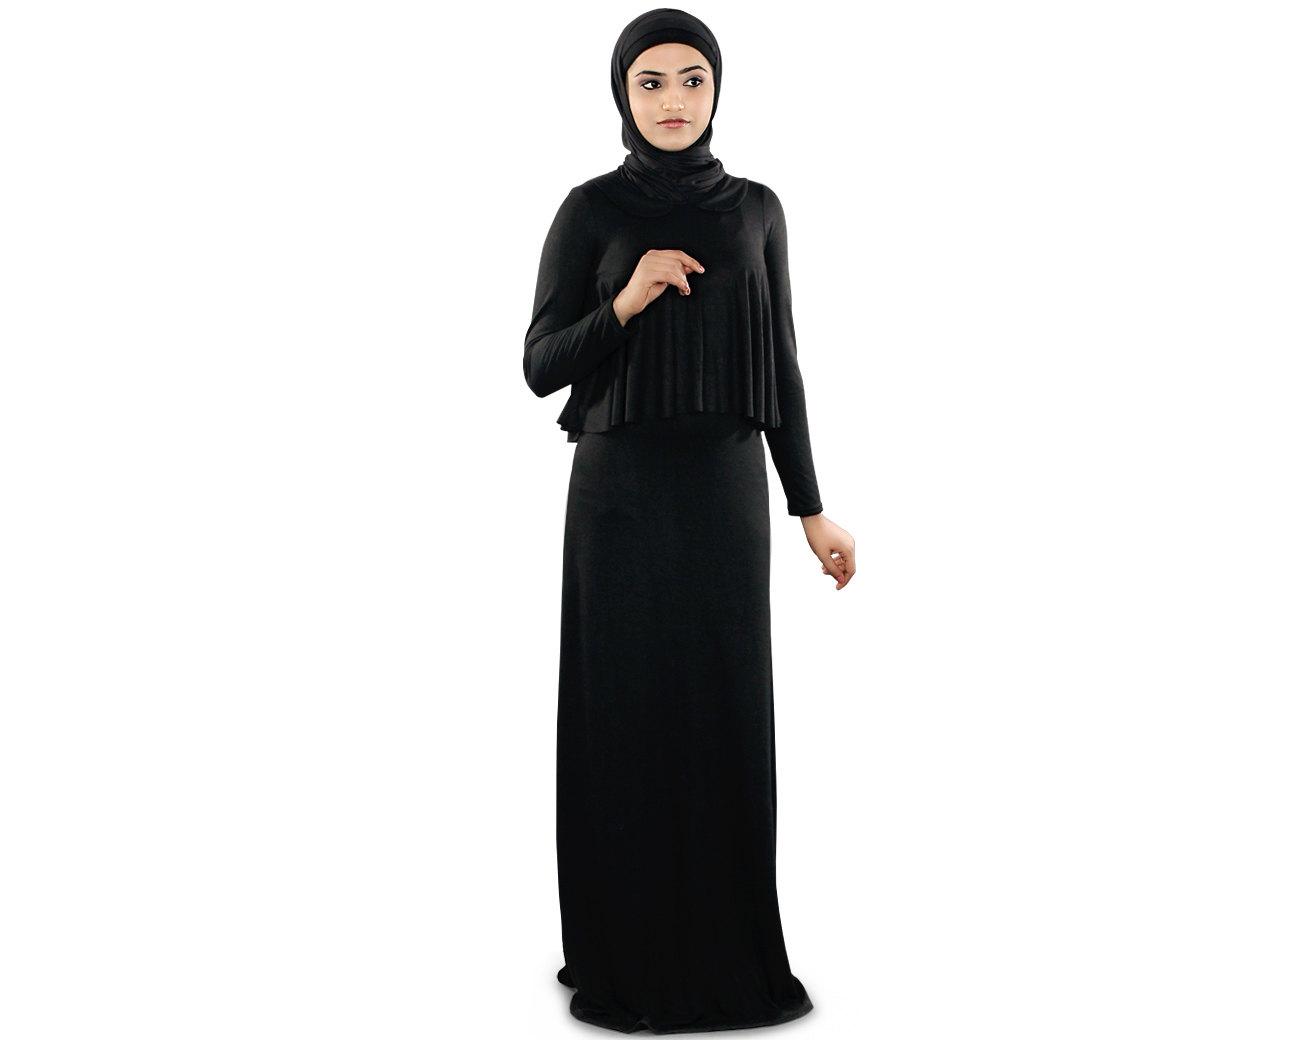 Burqa Clip Art.